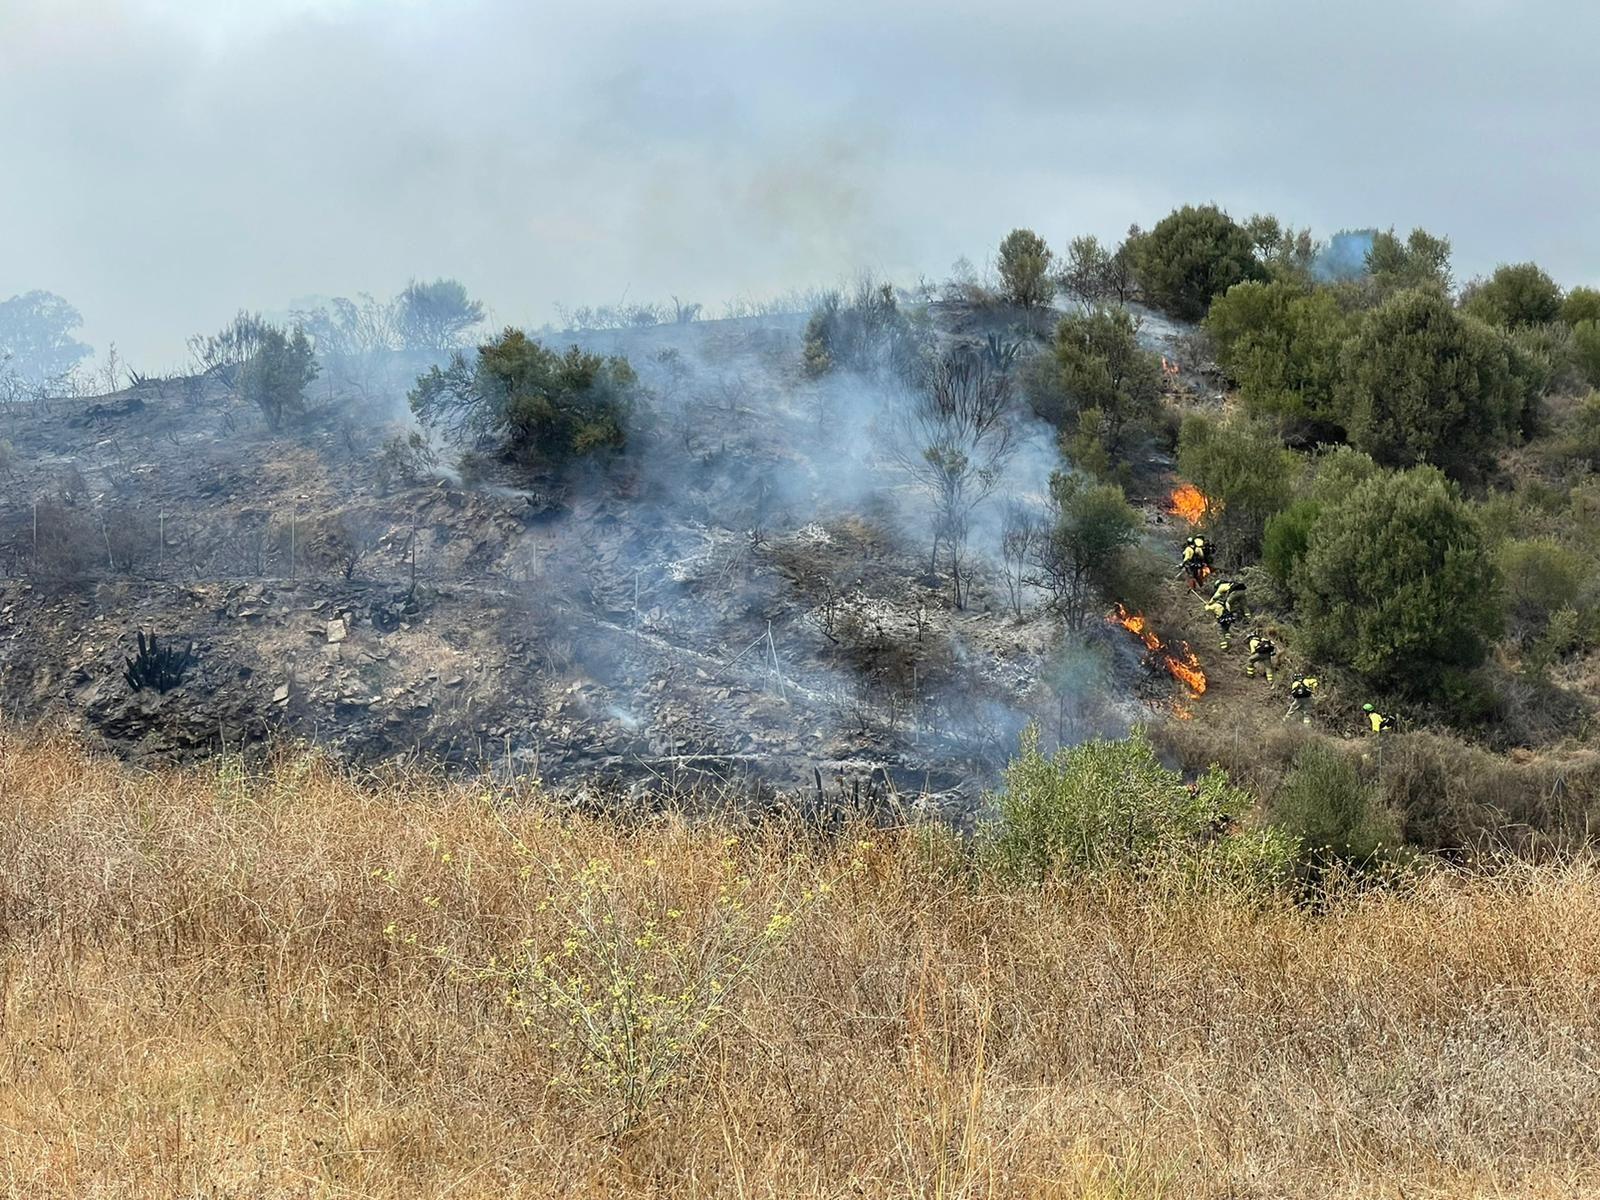 Incendio del paraje Cerro del Mesto de Mijas